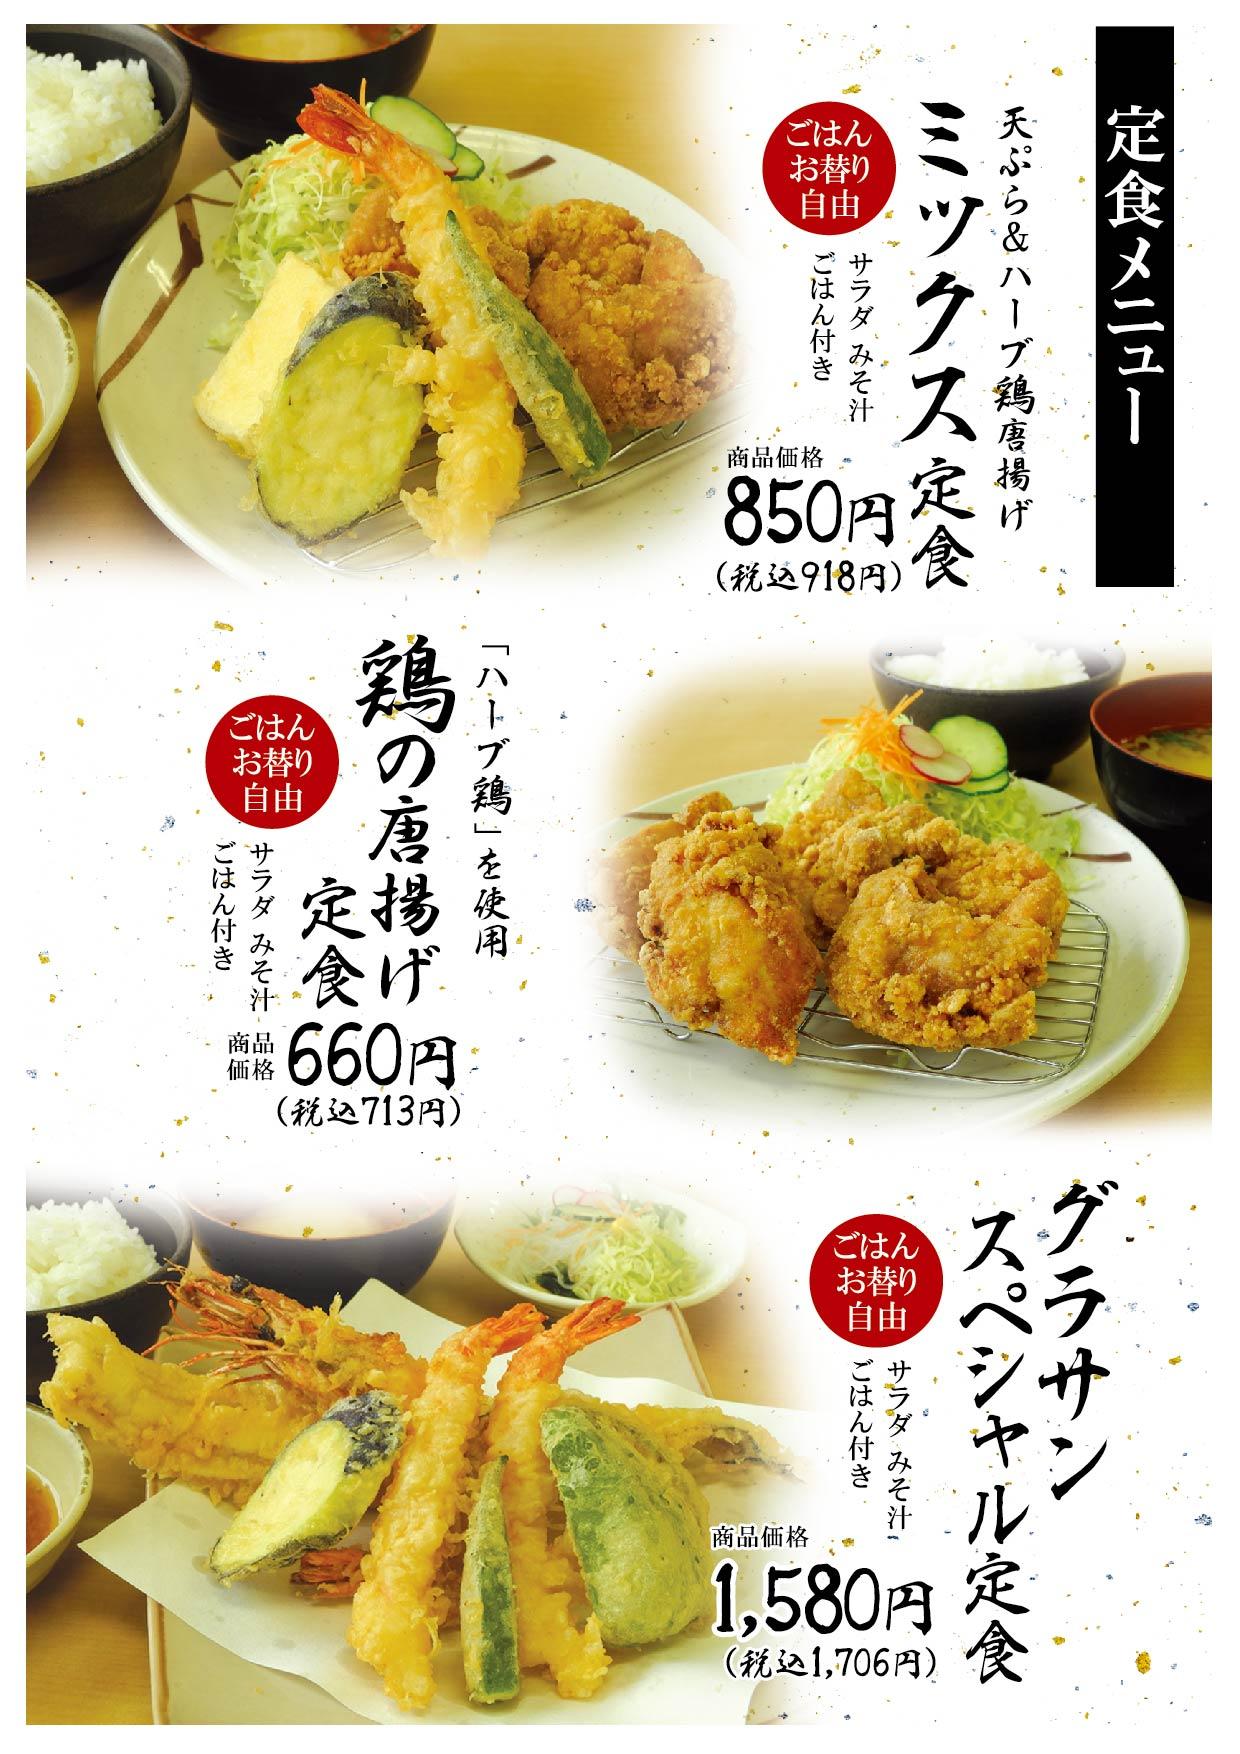 定食メニュー02